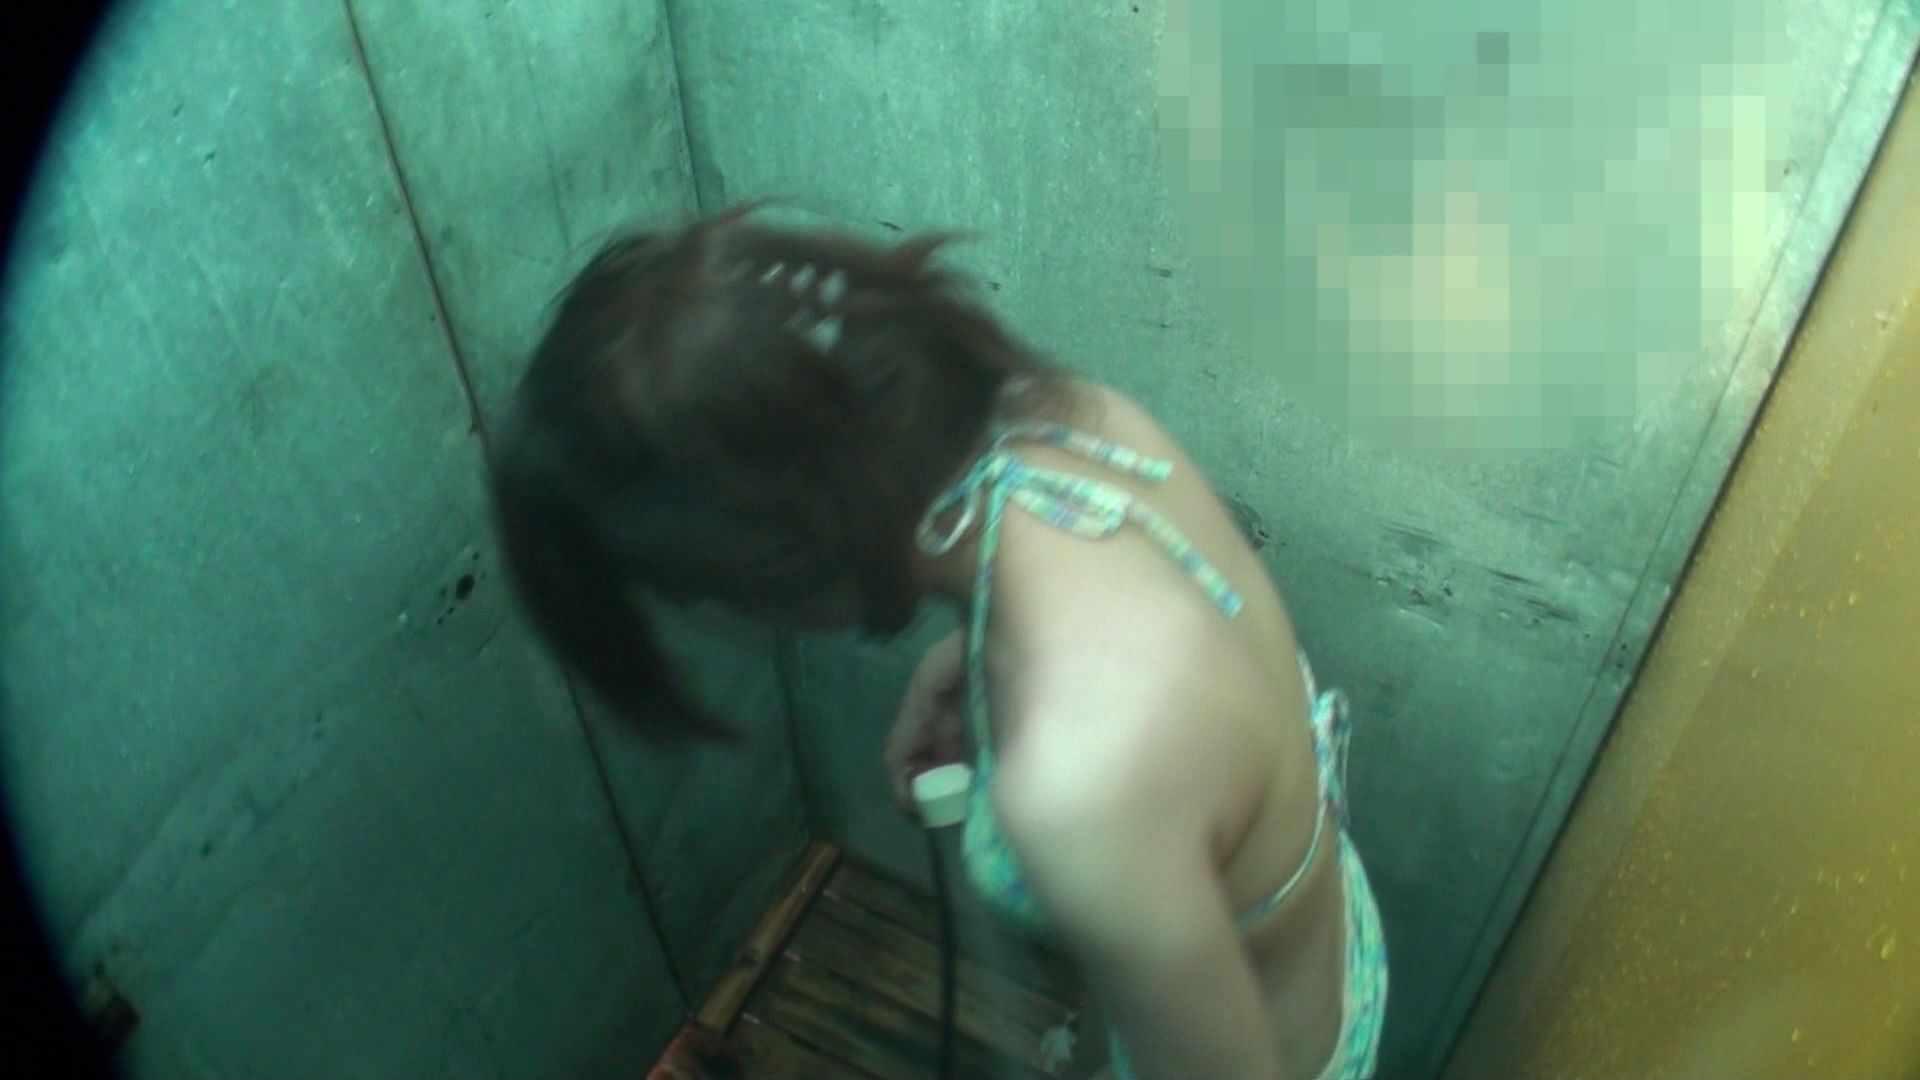 シャワールームは超!!危険な香りVol.15 残念ですが乳首未確認 マンコの砂は入念に シャワー   マンコ満開  106画像 1